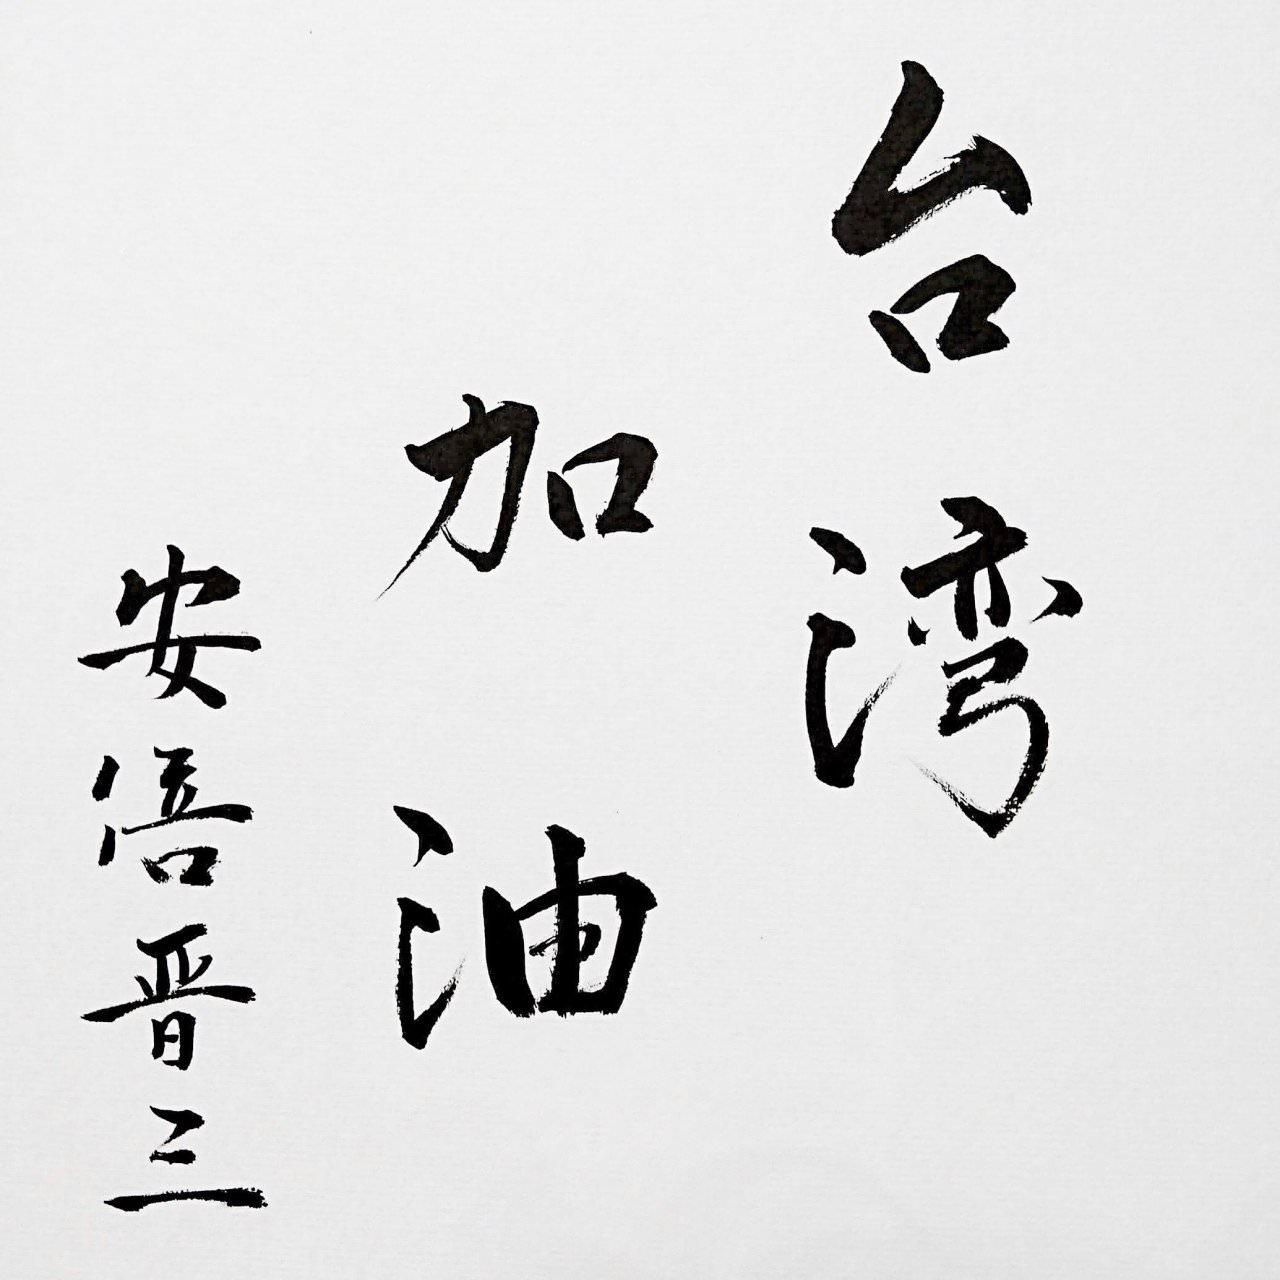 【真の友】台湾総統、安倍首相からのお見舞いに感謝のサムネイル画像